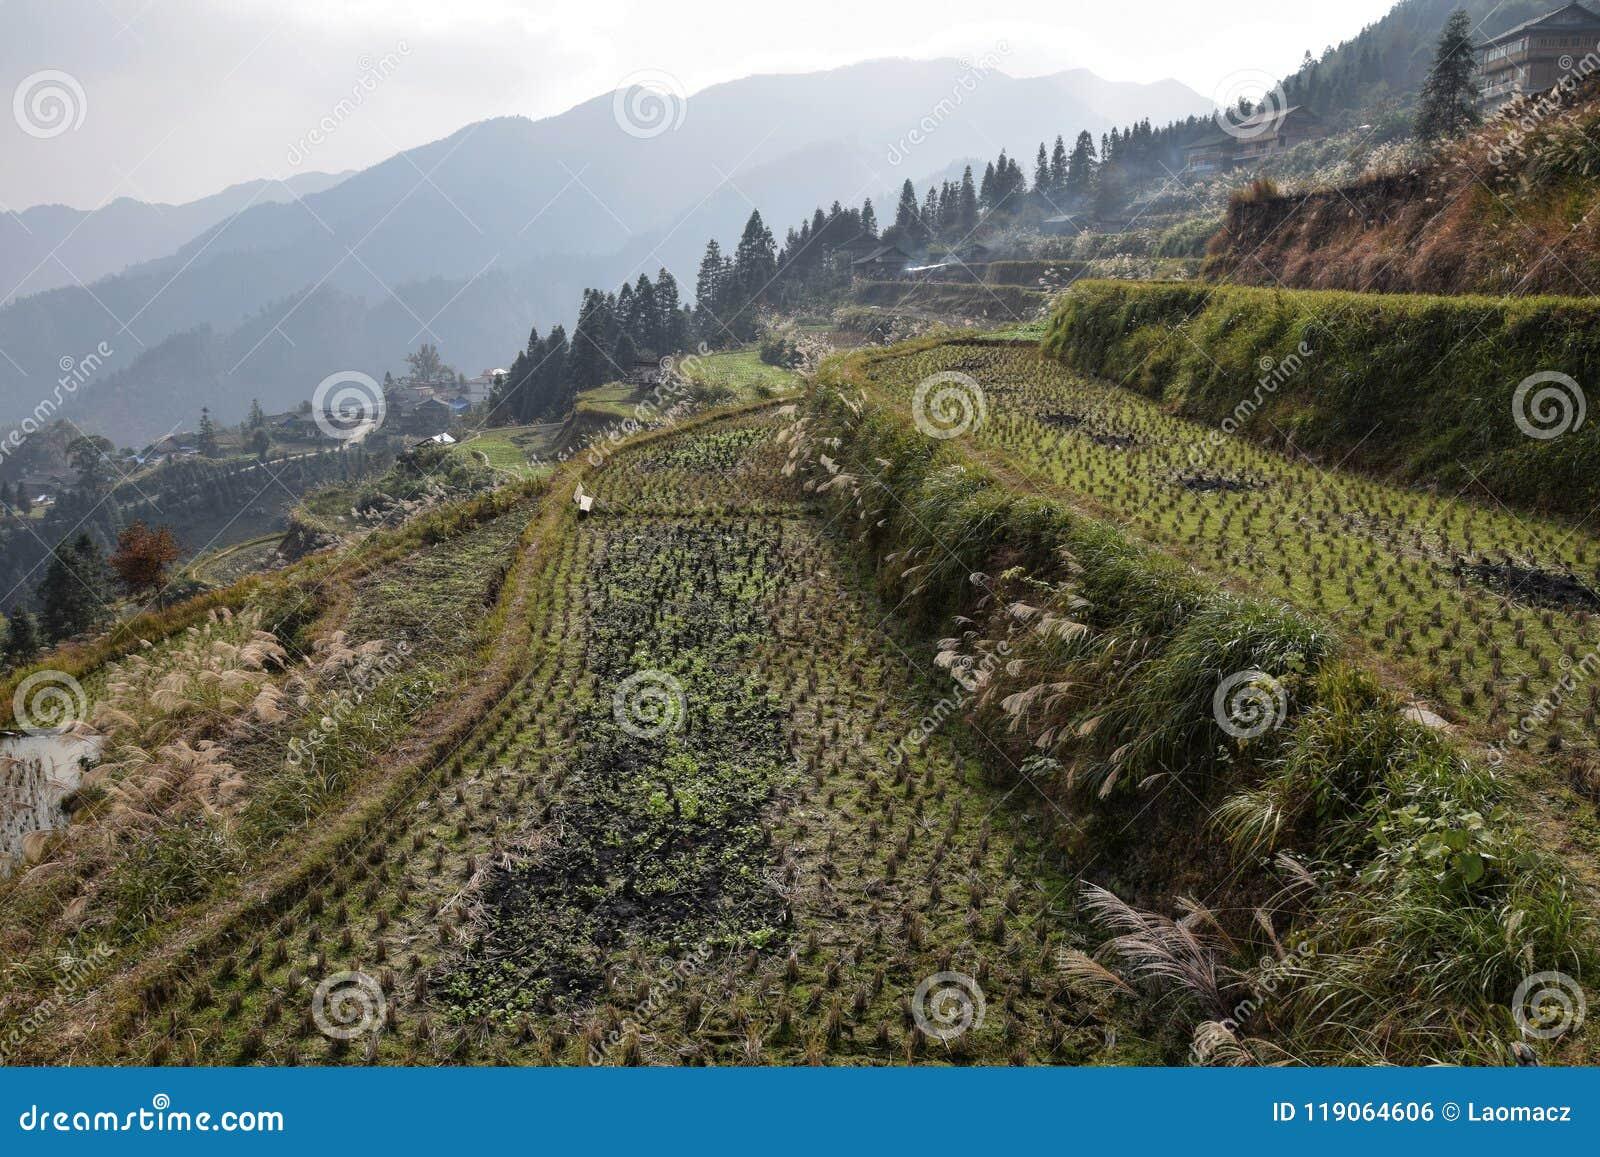 Terassenförmig angelegte Reisfelder hoch in den Bergen von Guizhou-Provinz in China